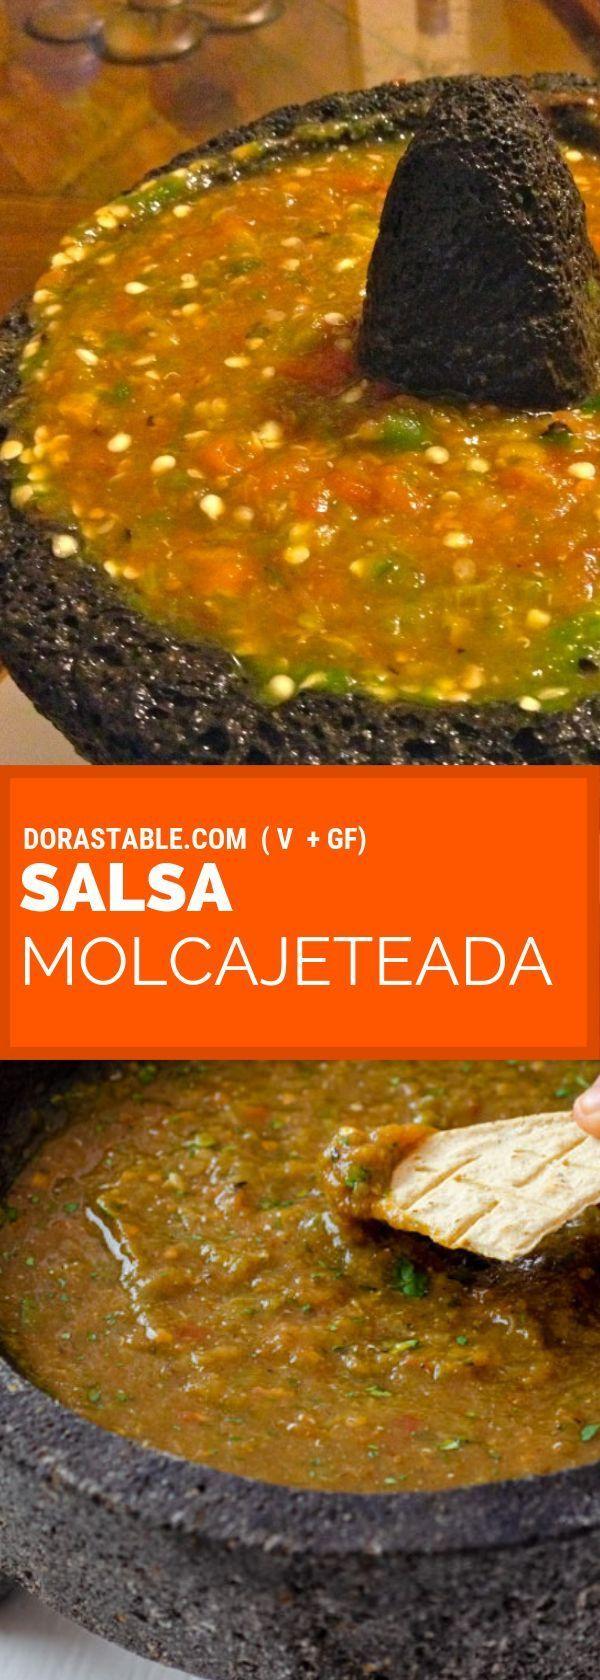 Molcajete Salsa, eine Sommersalsa aus Ihrem Molcajete, mit Chili Poblano, Serr ….